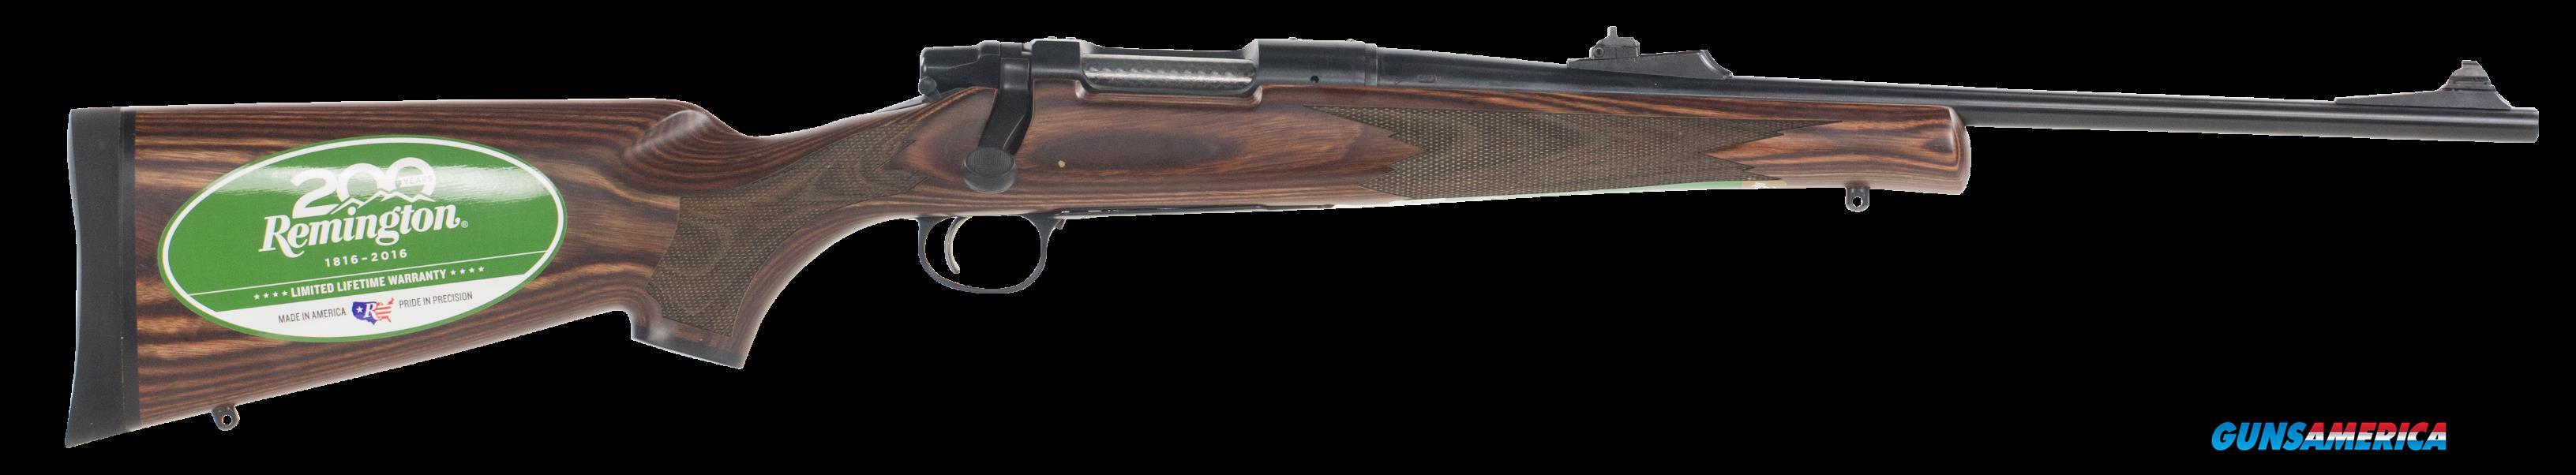 Remington Firearms Seven, Rem 85963 Mod 7 Bl 308        18in Lam  Guns > Pistols > 1911 Pistol Copies (non-Colt)